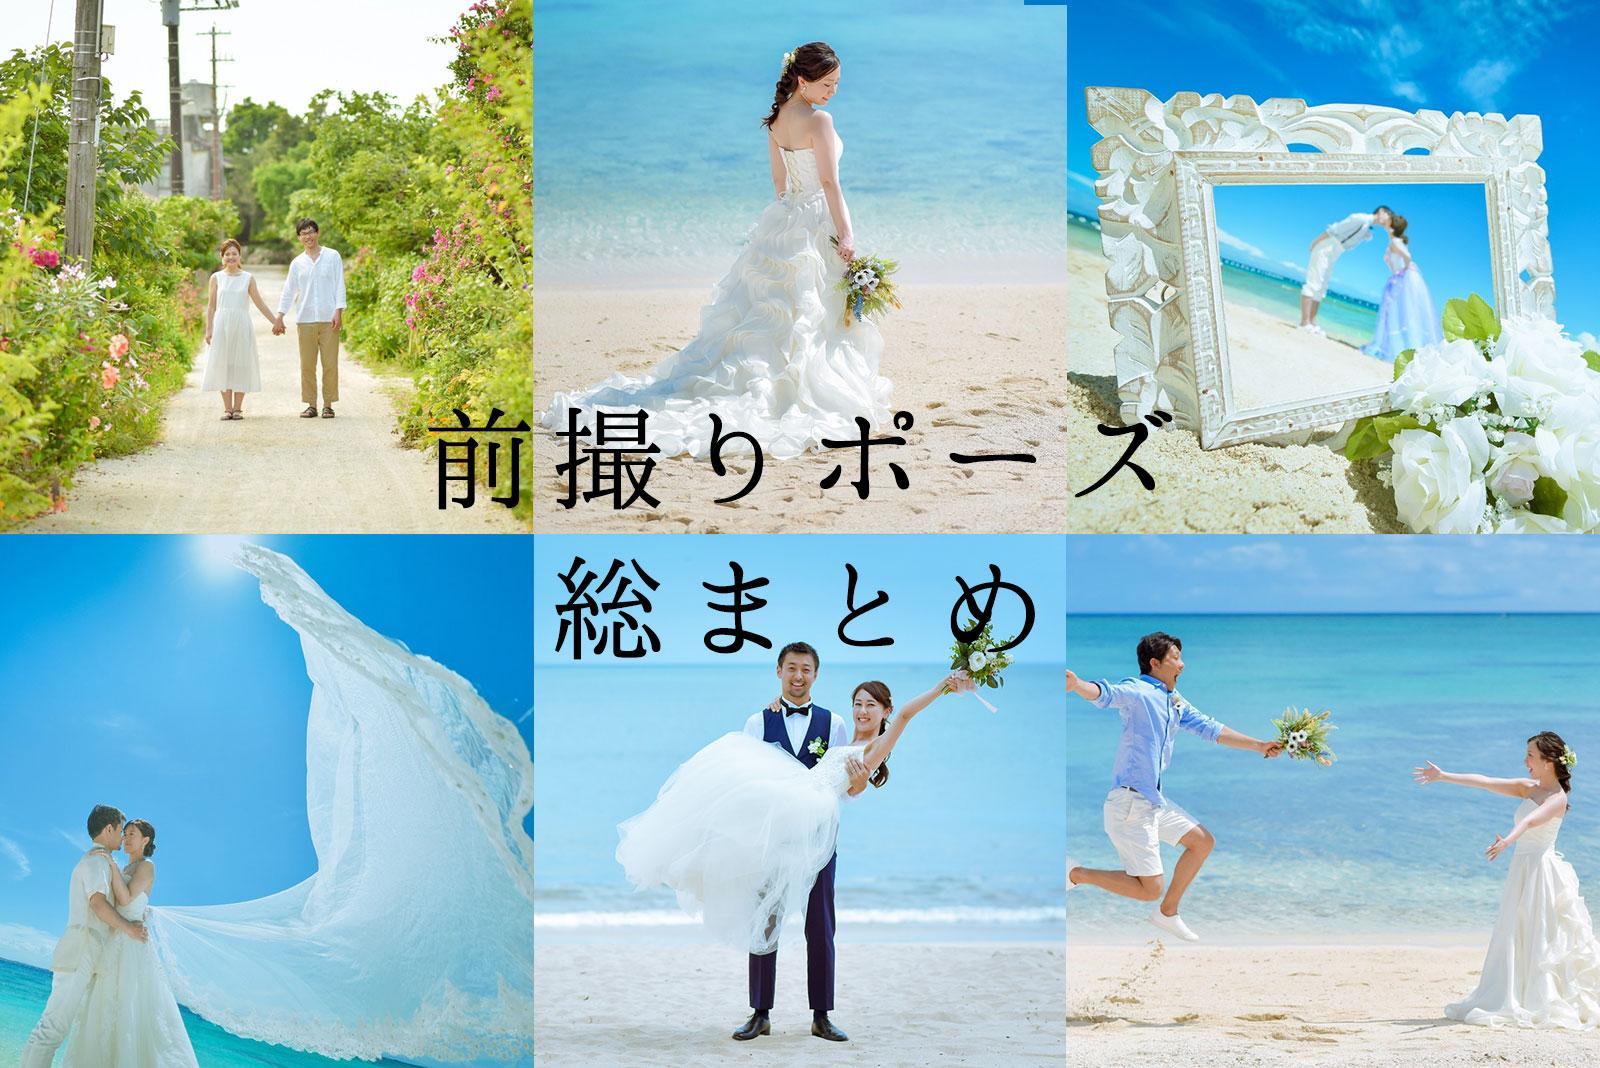 【2020年最新版】カメラマンが選ぶ結婚式の前撮りポーズ69選・写真150枚